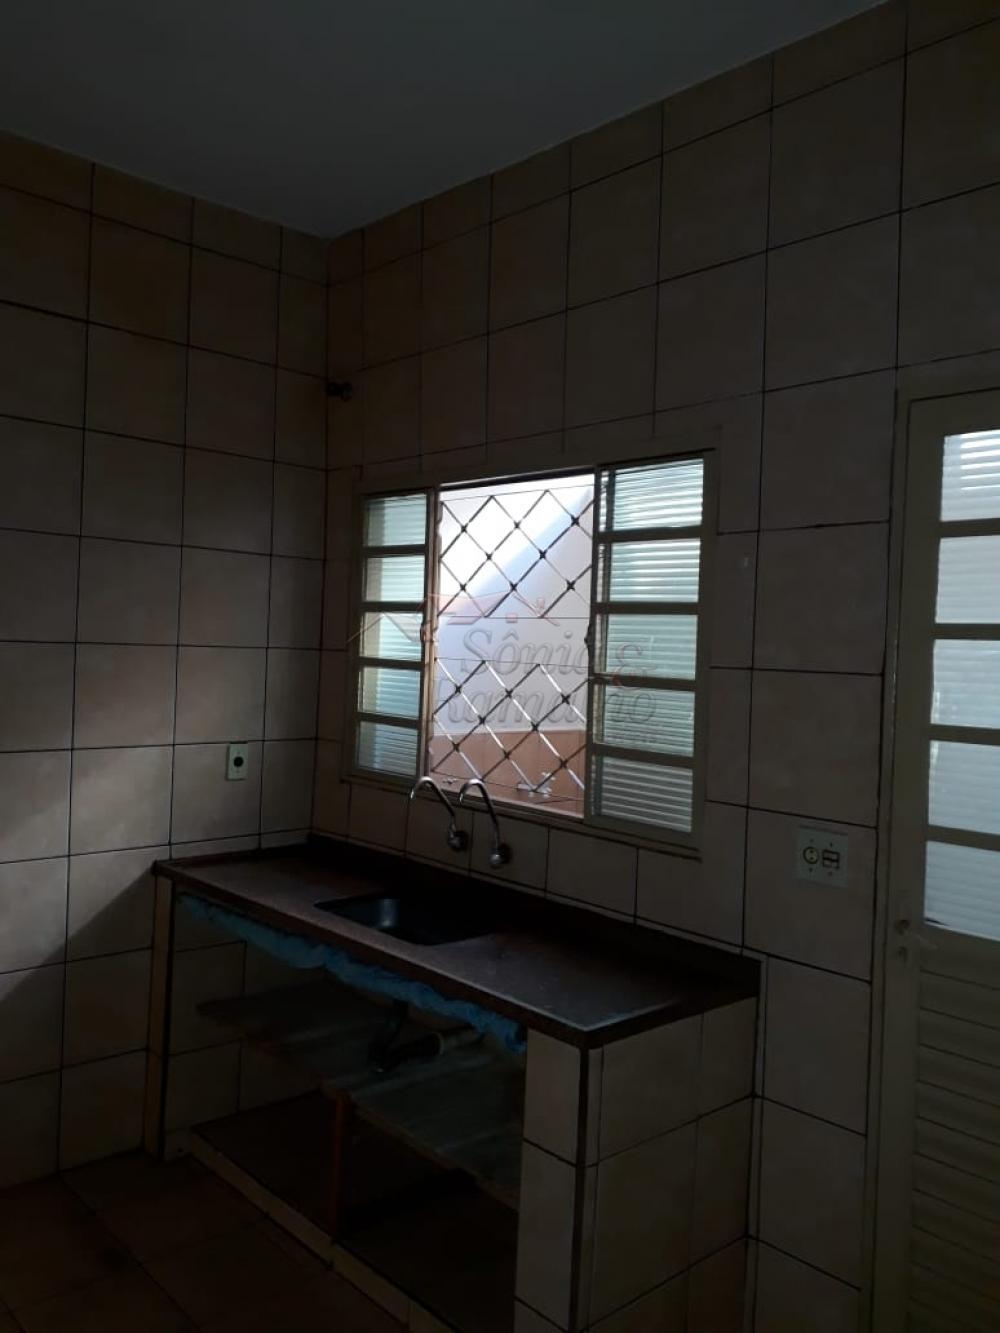 Alugar Casas / Padrão em Ribeirão Preto apenas R$ 650,00 - Foto 4